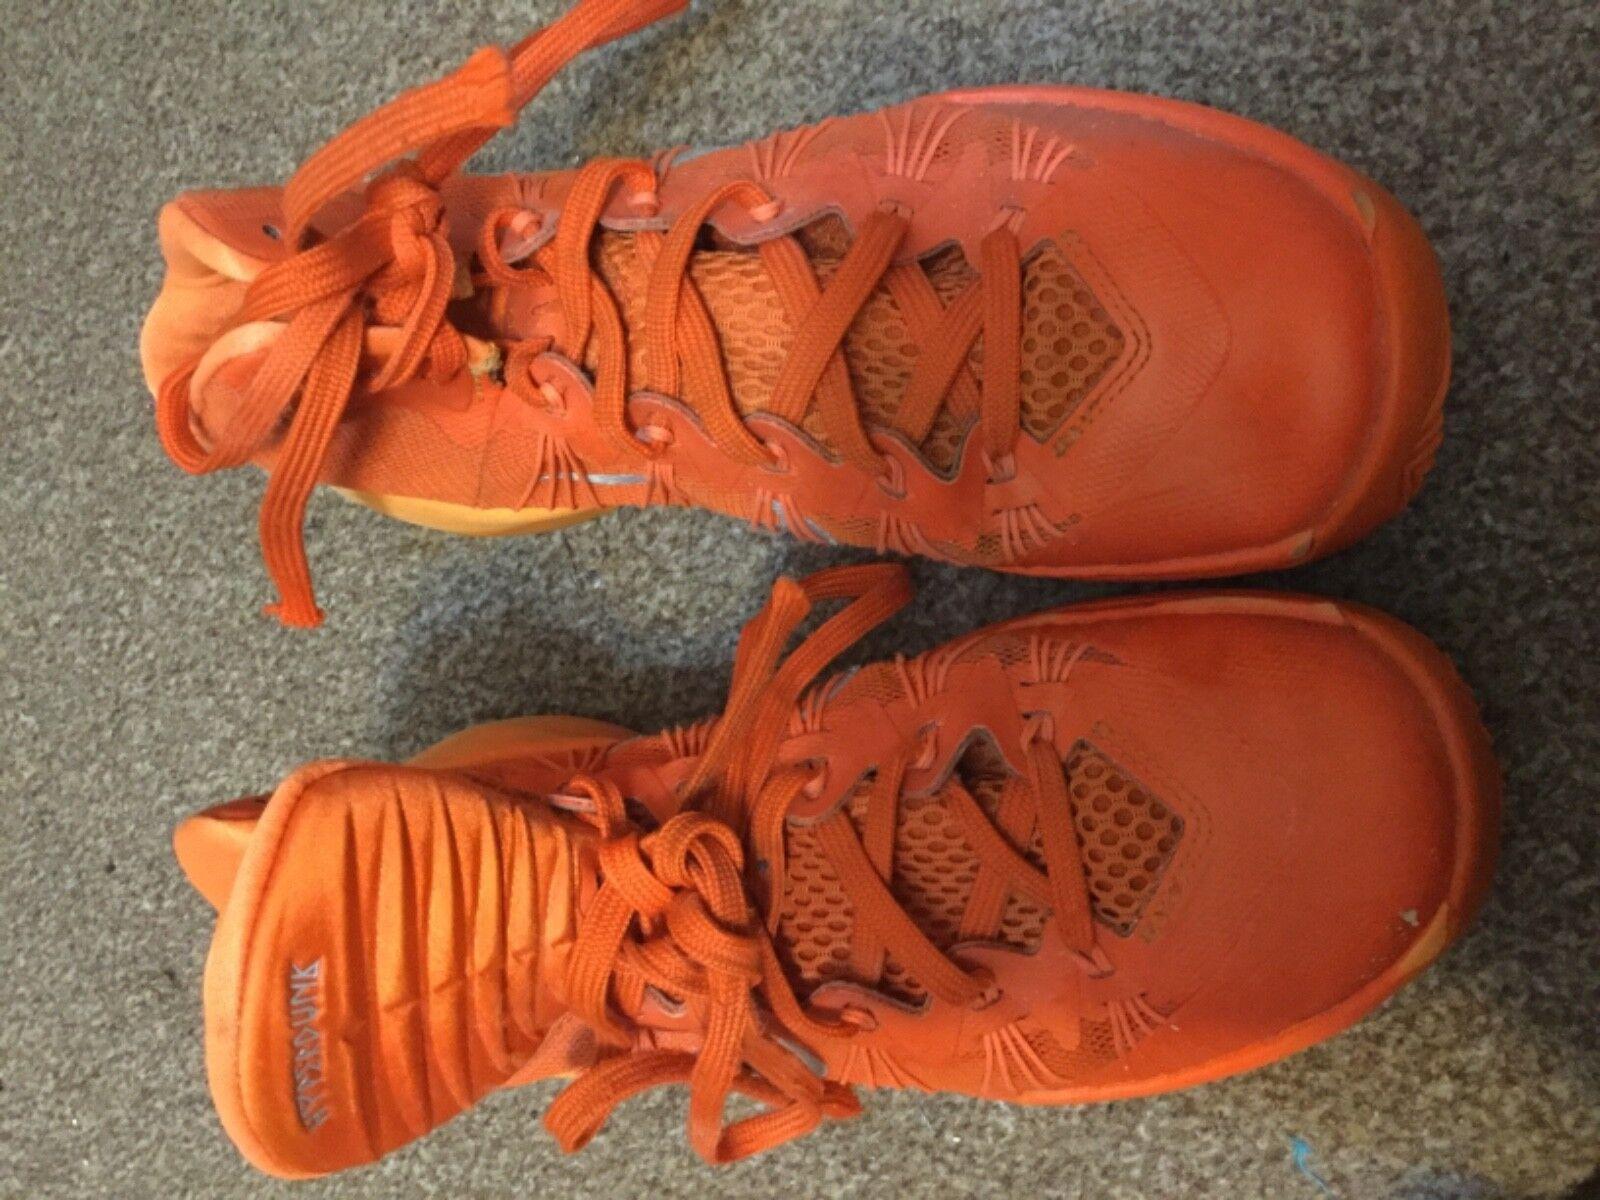 Nike hyperdunk 2013 tbc mens basket 8 (584433-800 arancione arancione arancione   silve) | Forma elegante  6054c1